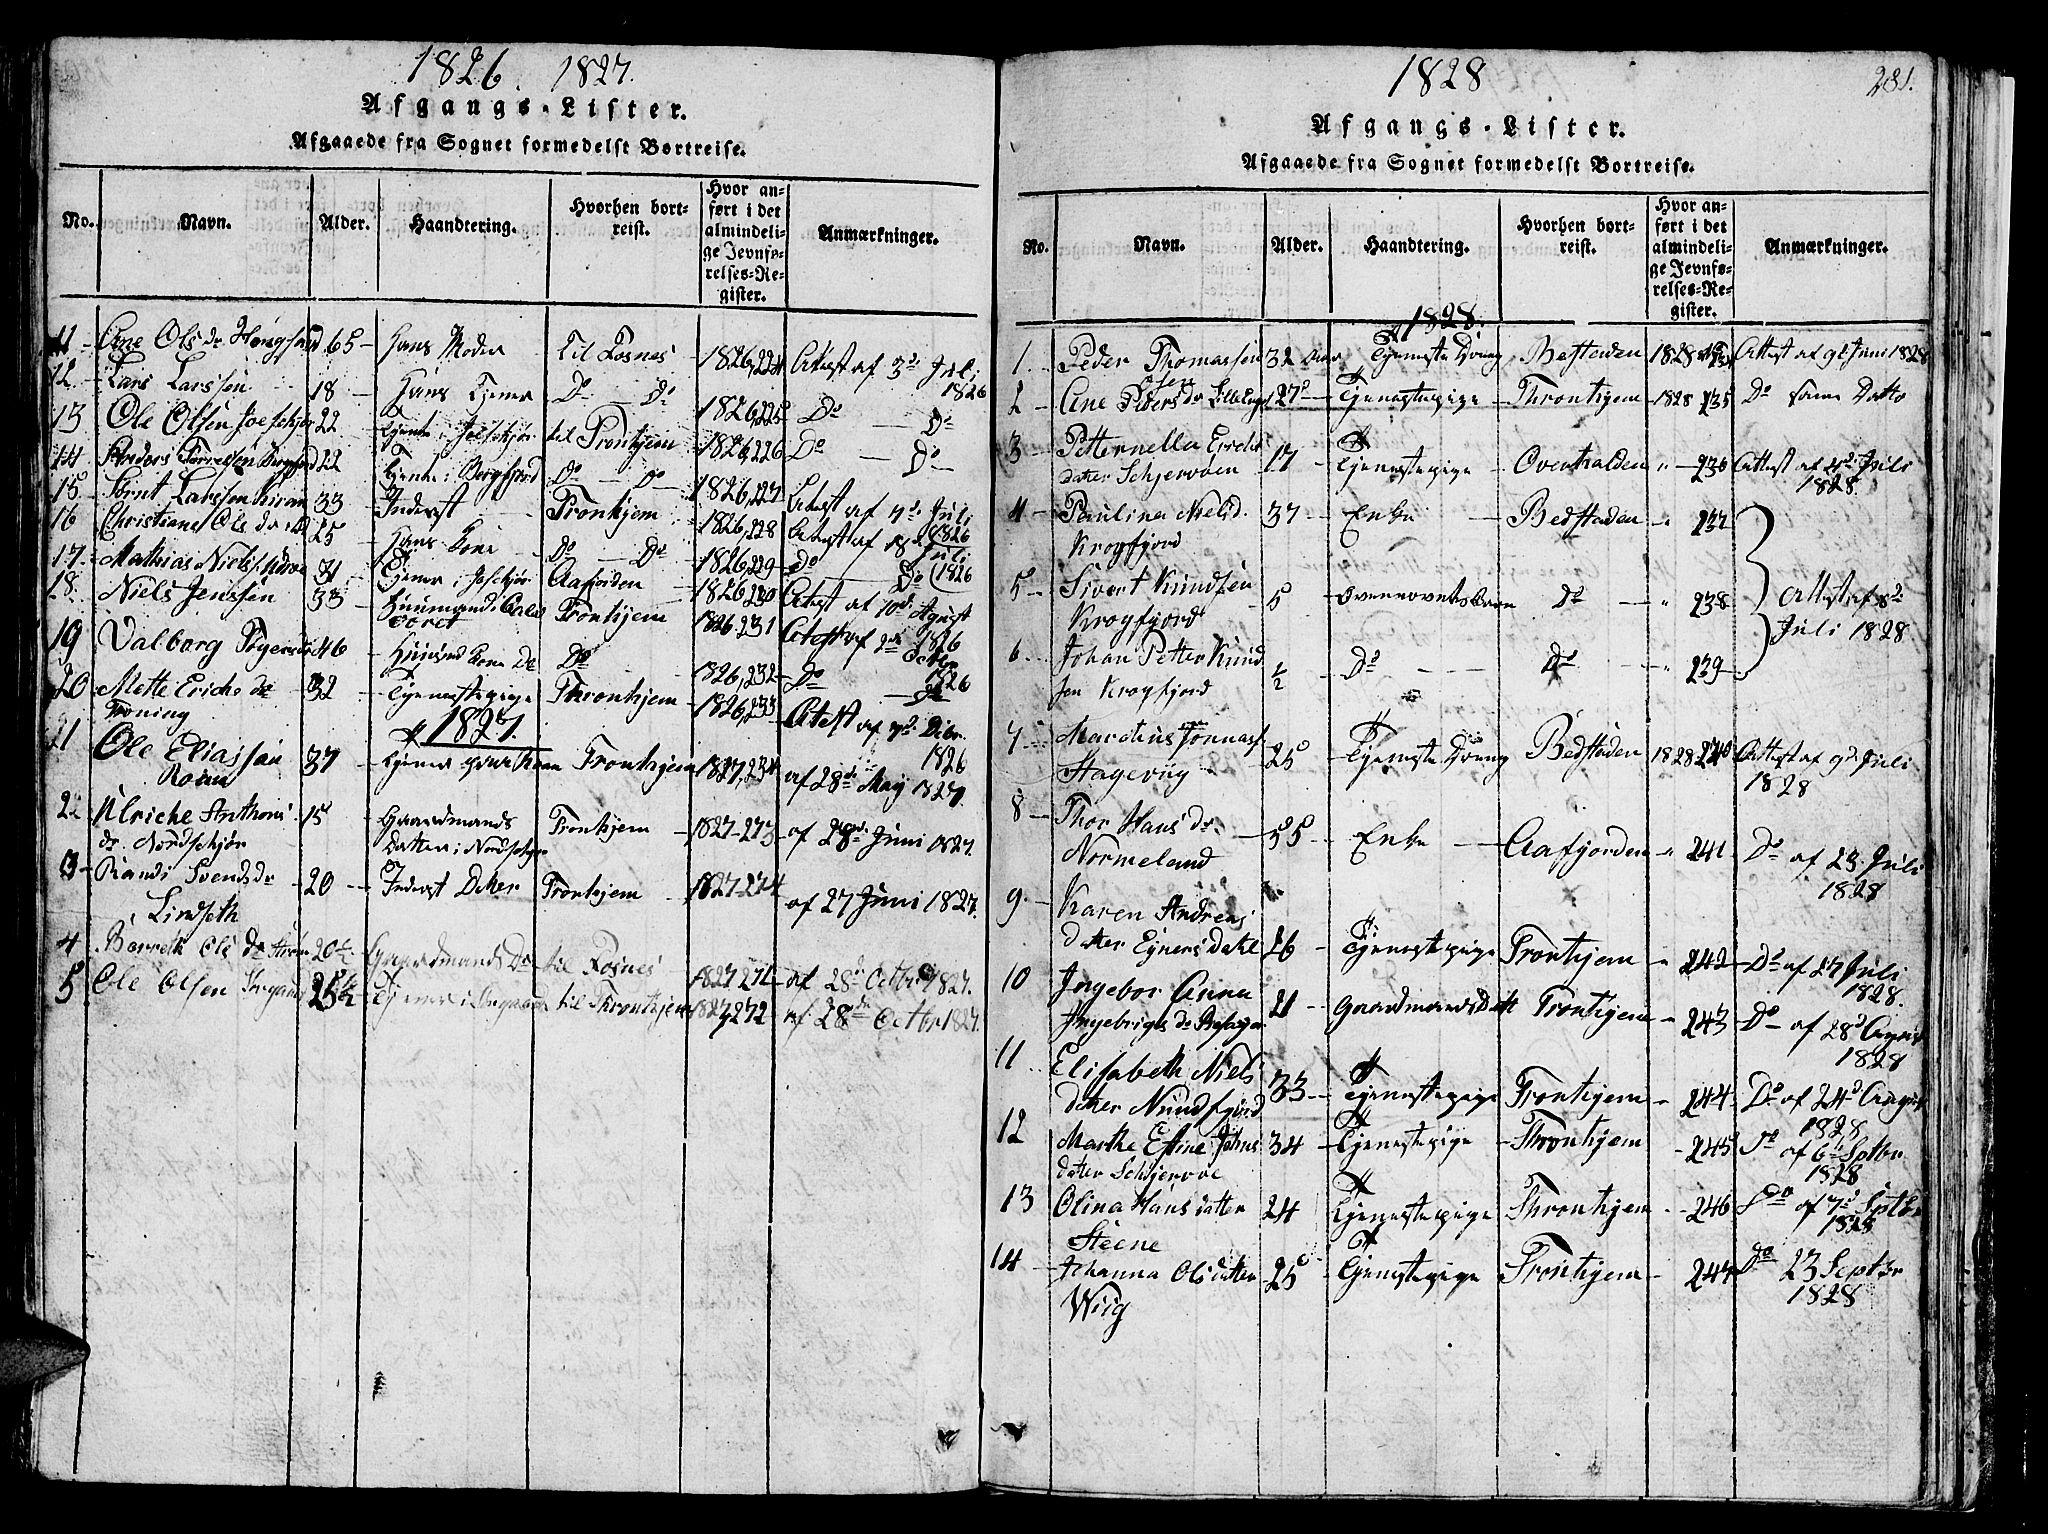 SAT, Ministerialprotokoller, klokkerbøker og fødselsregistre - Sør-Trøndelag, 657/L0714: Klokkerbok nr. 657C01, 1818-1868, s. 281